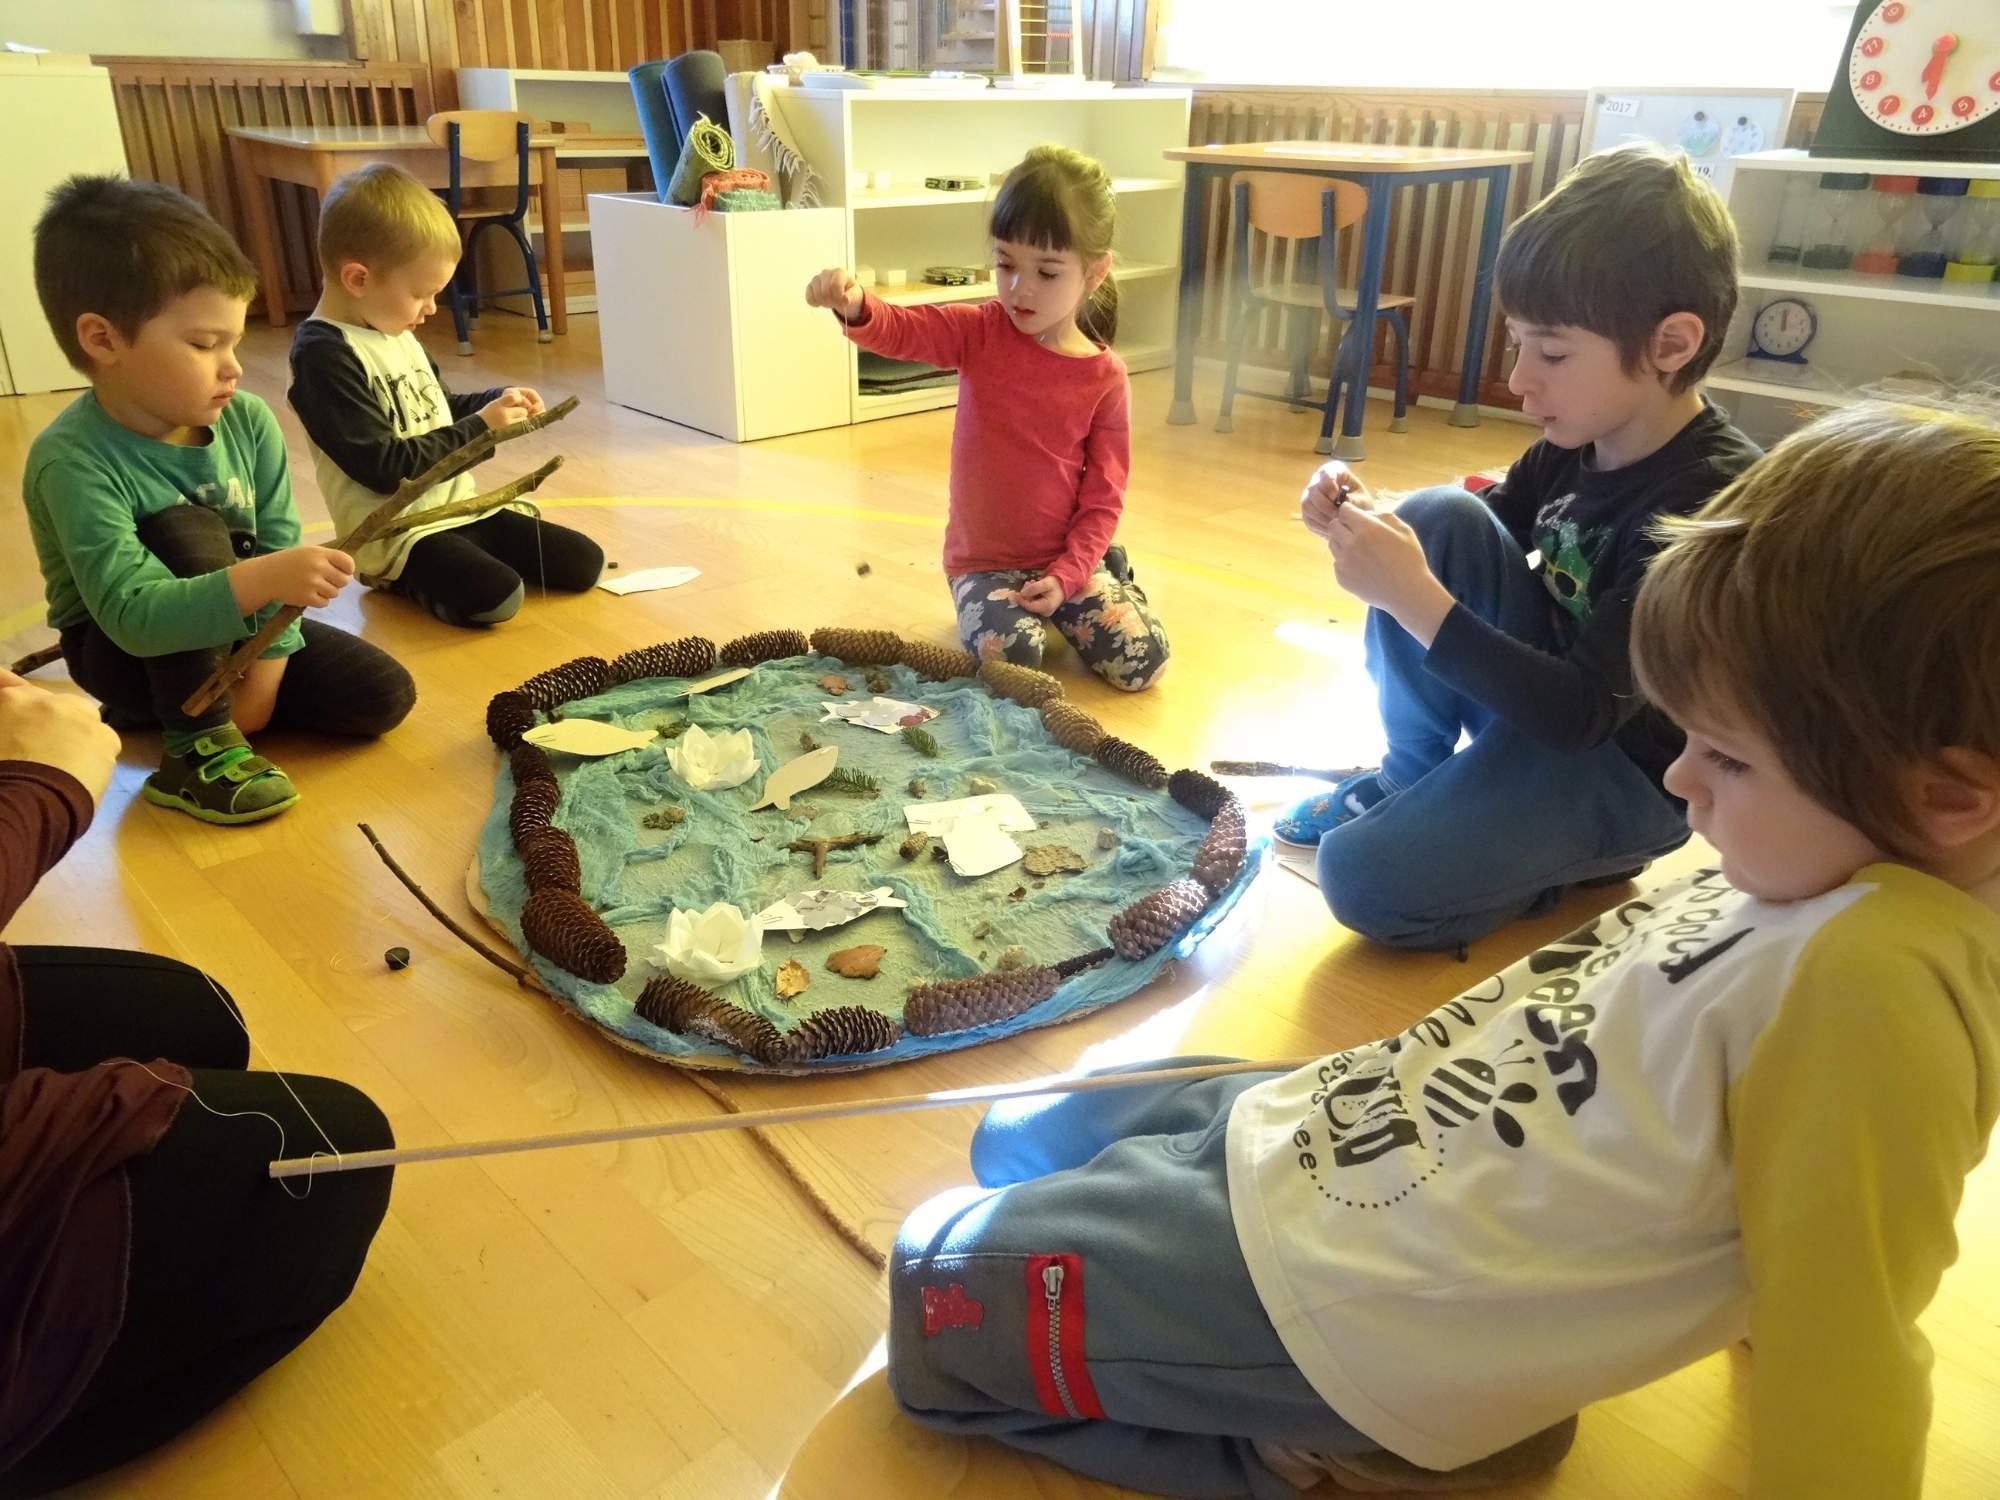 Mateřská škola Jablonec nad Nisou, výchova a vzdělávání dětí metodou Montessori